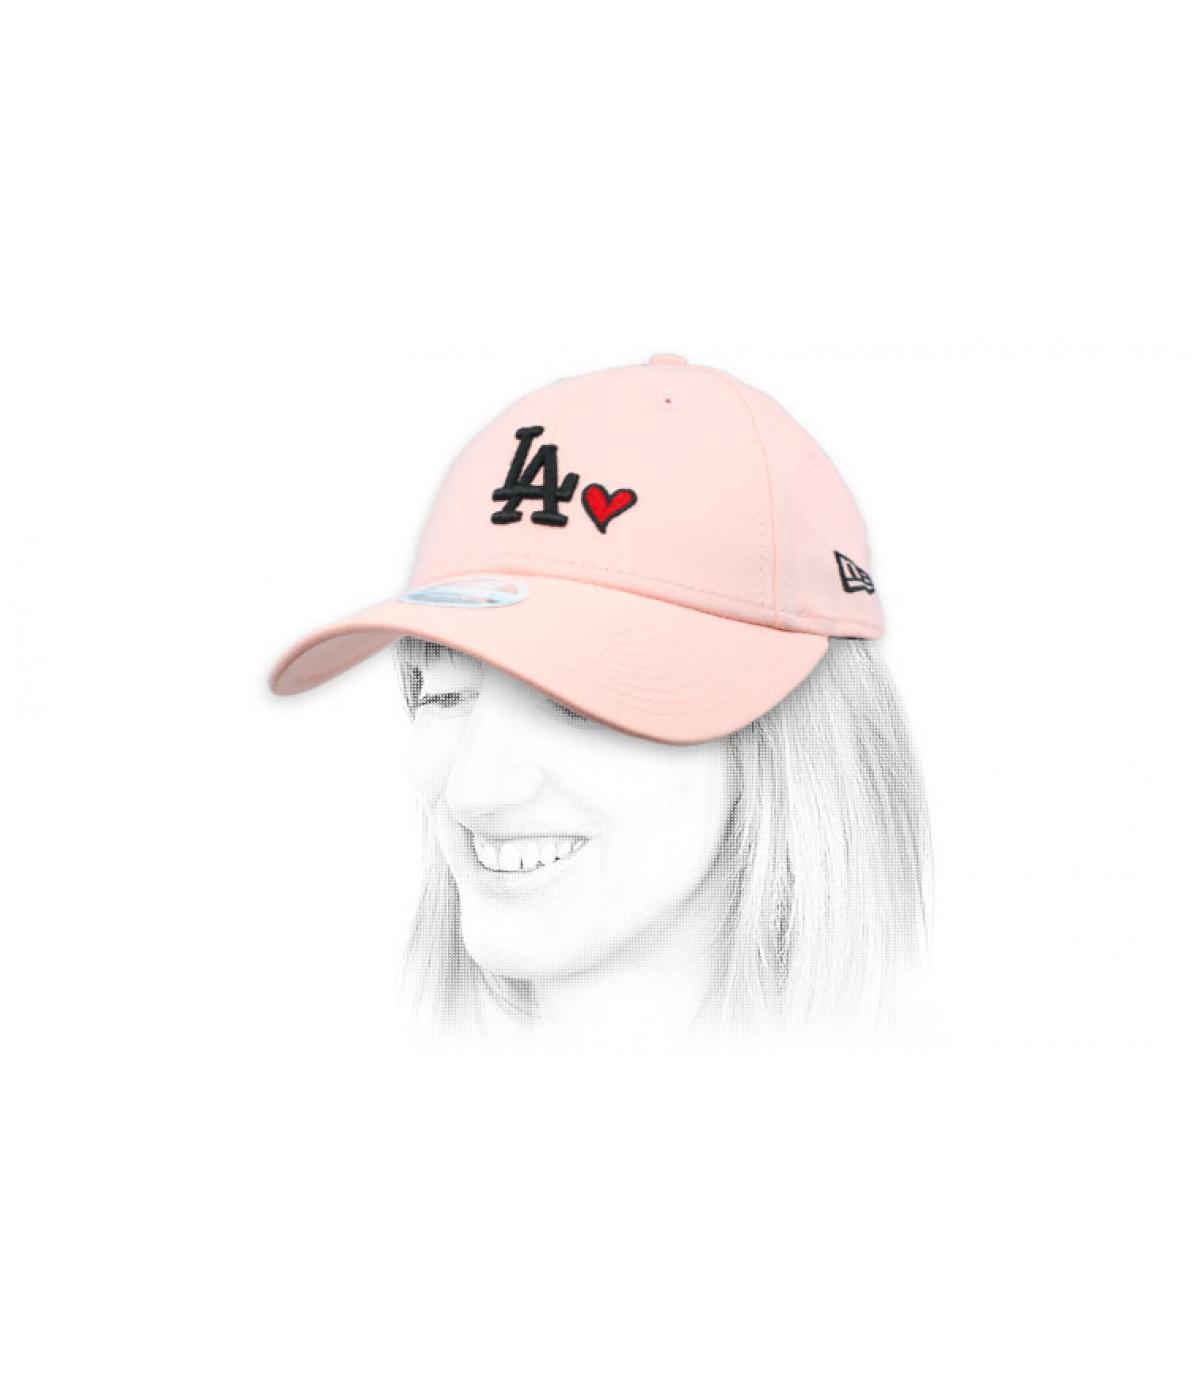 casquette femme LA cœur rose